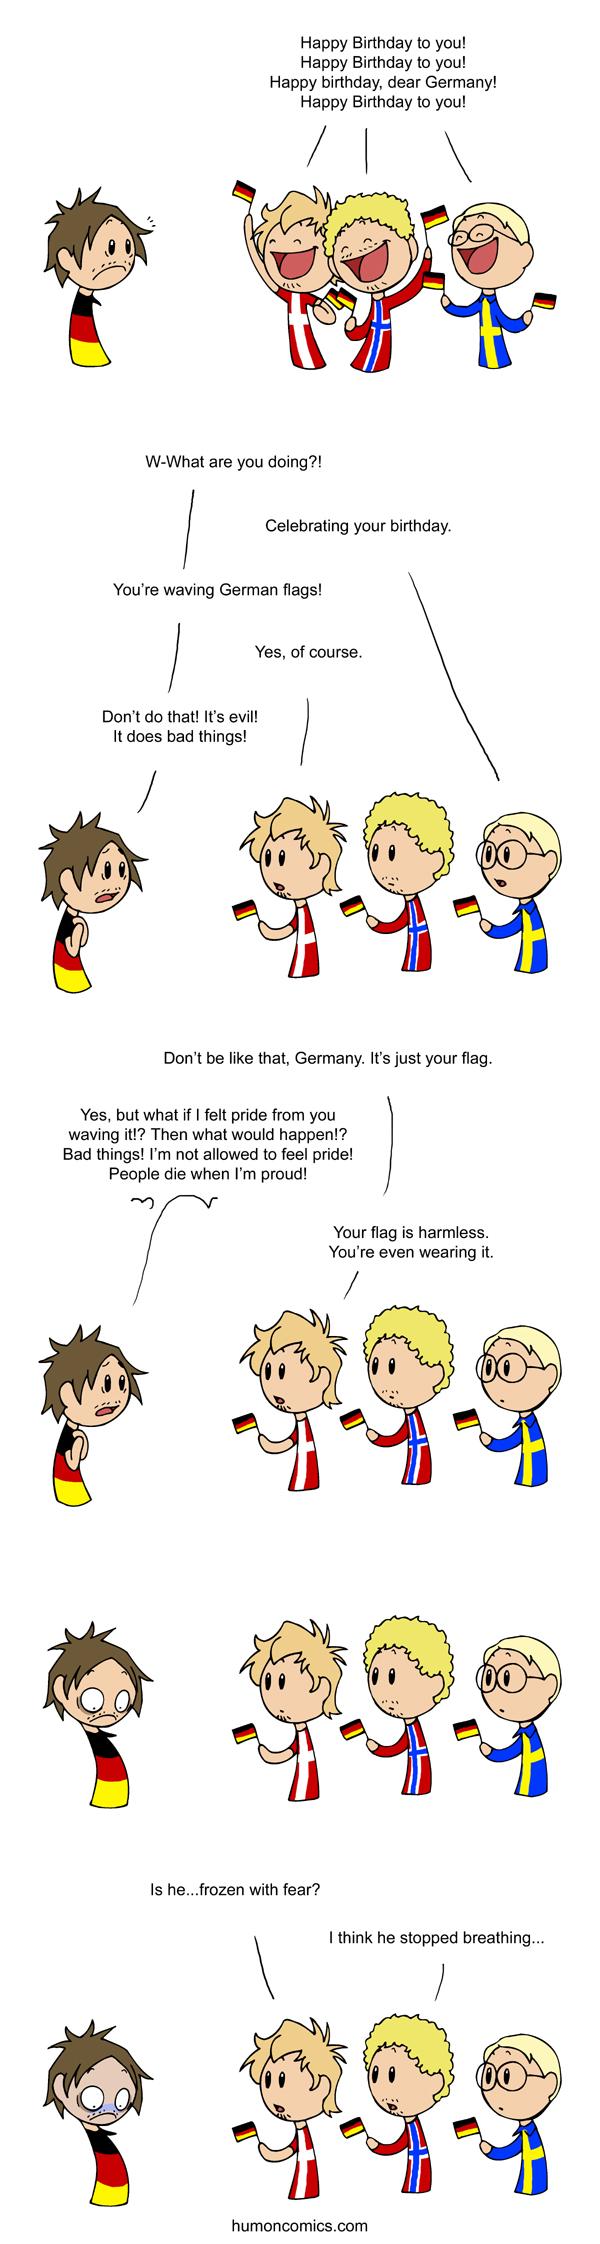 evil-flag.jpg